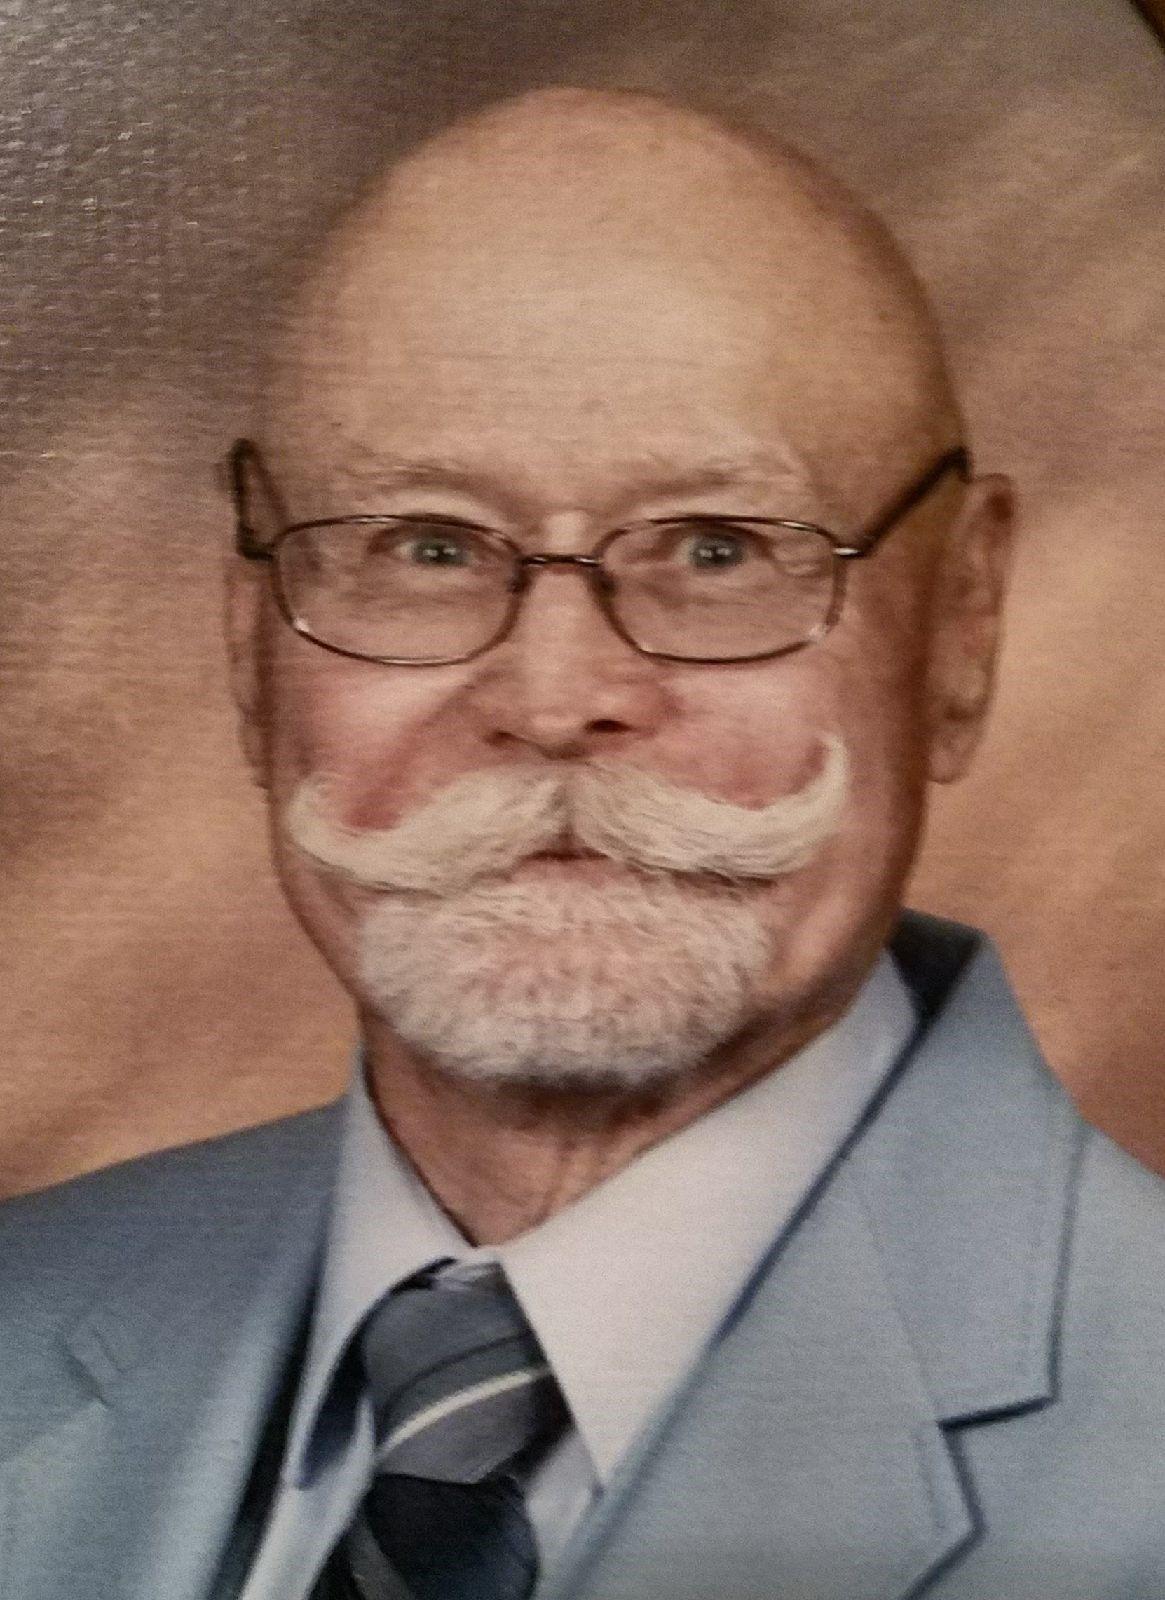 Donald J. Kessler